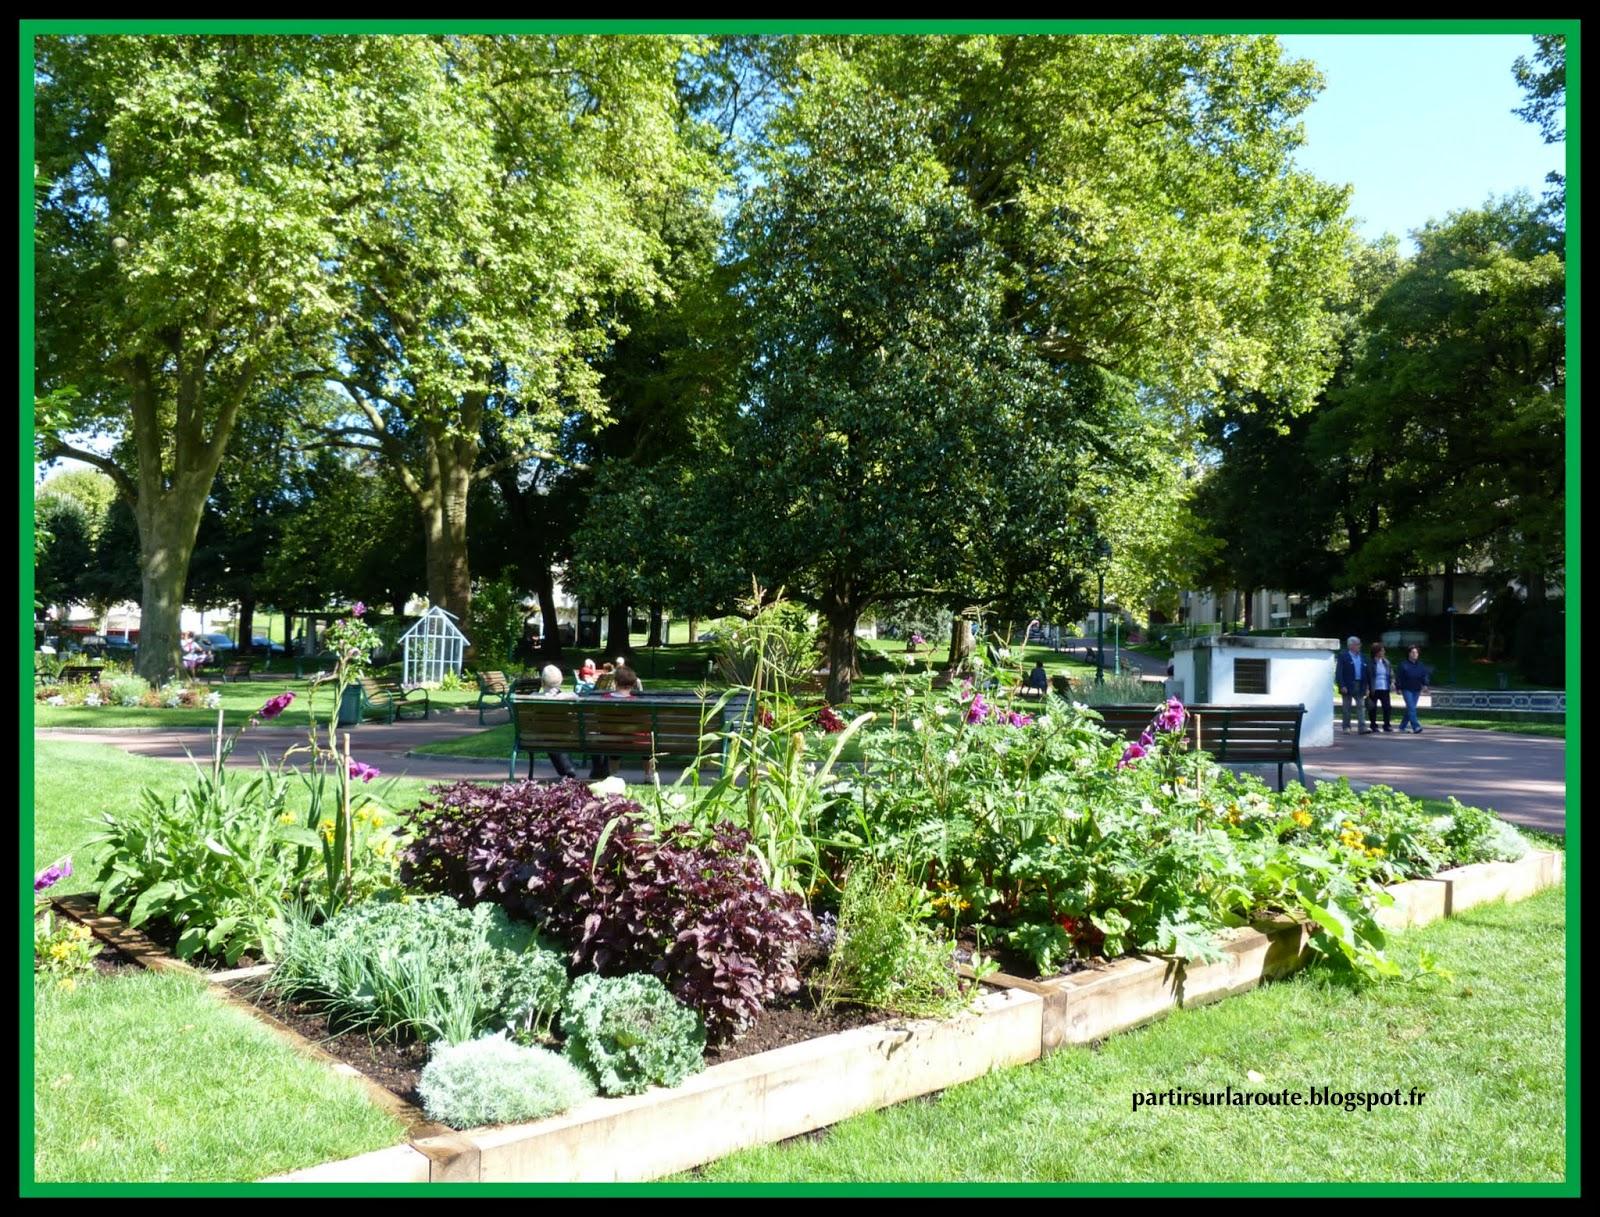 Partir sur la route aix les bains 73 aout 2014 for Jardin lamartine